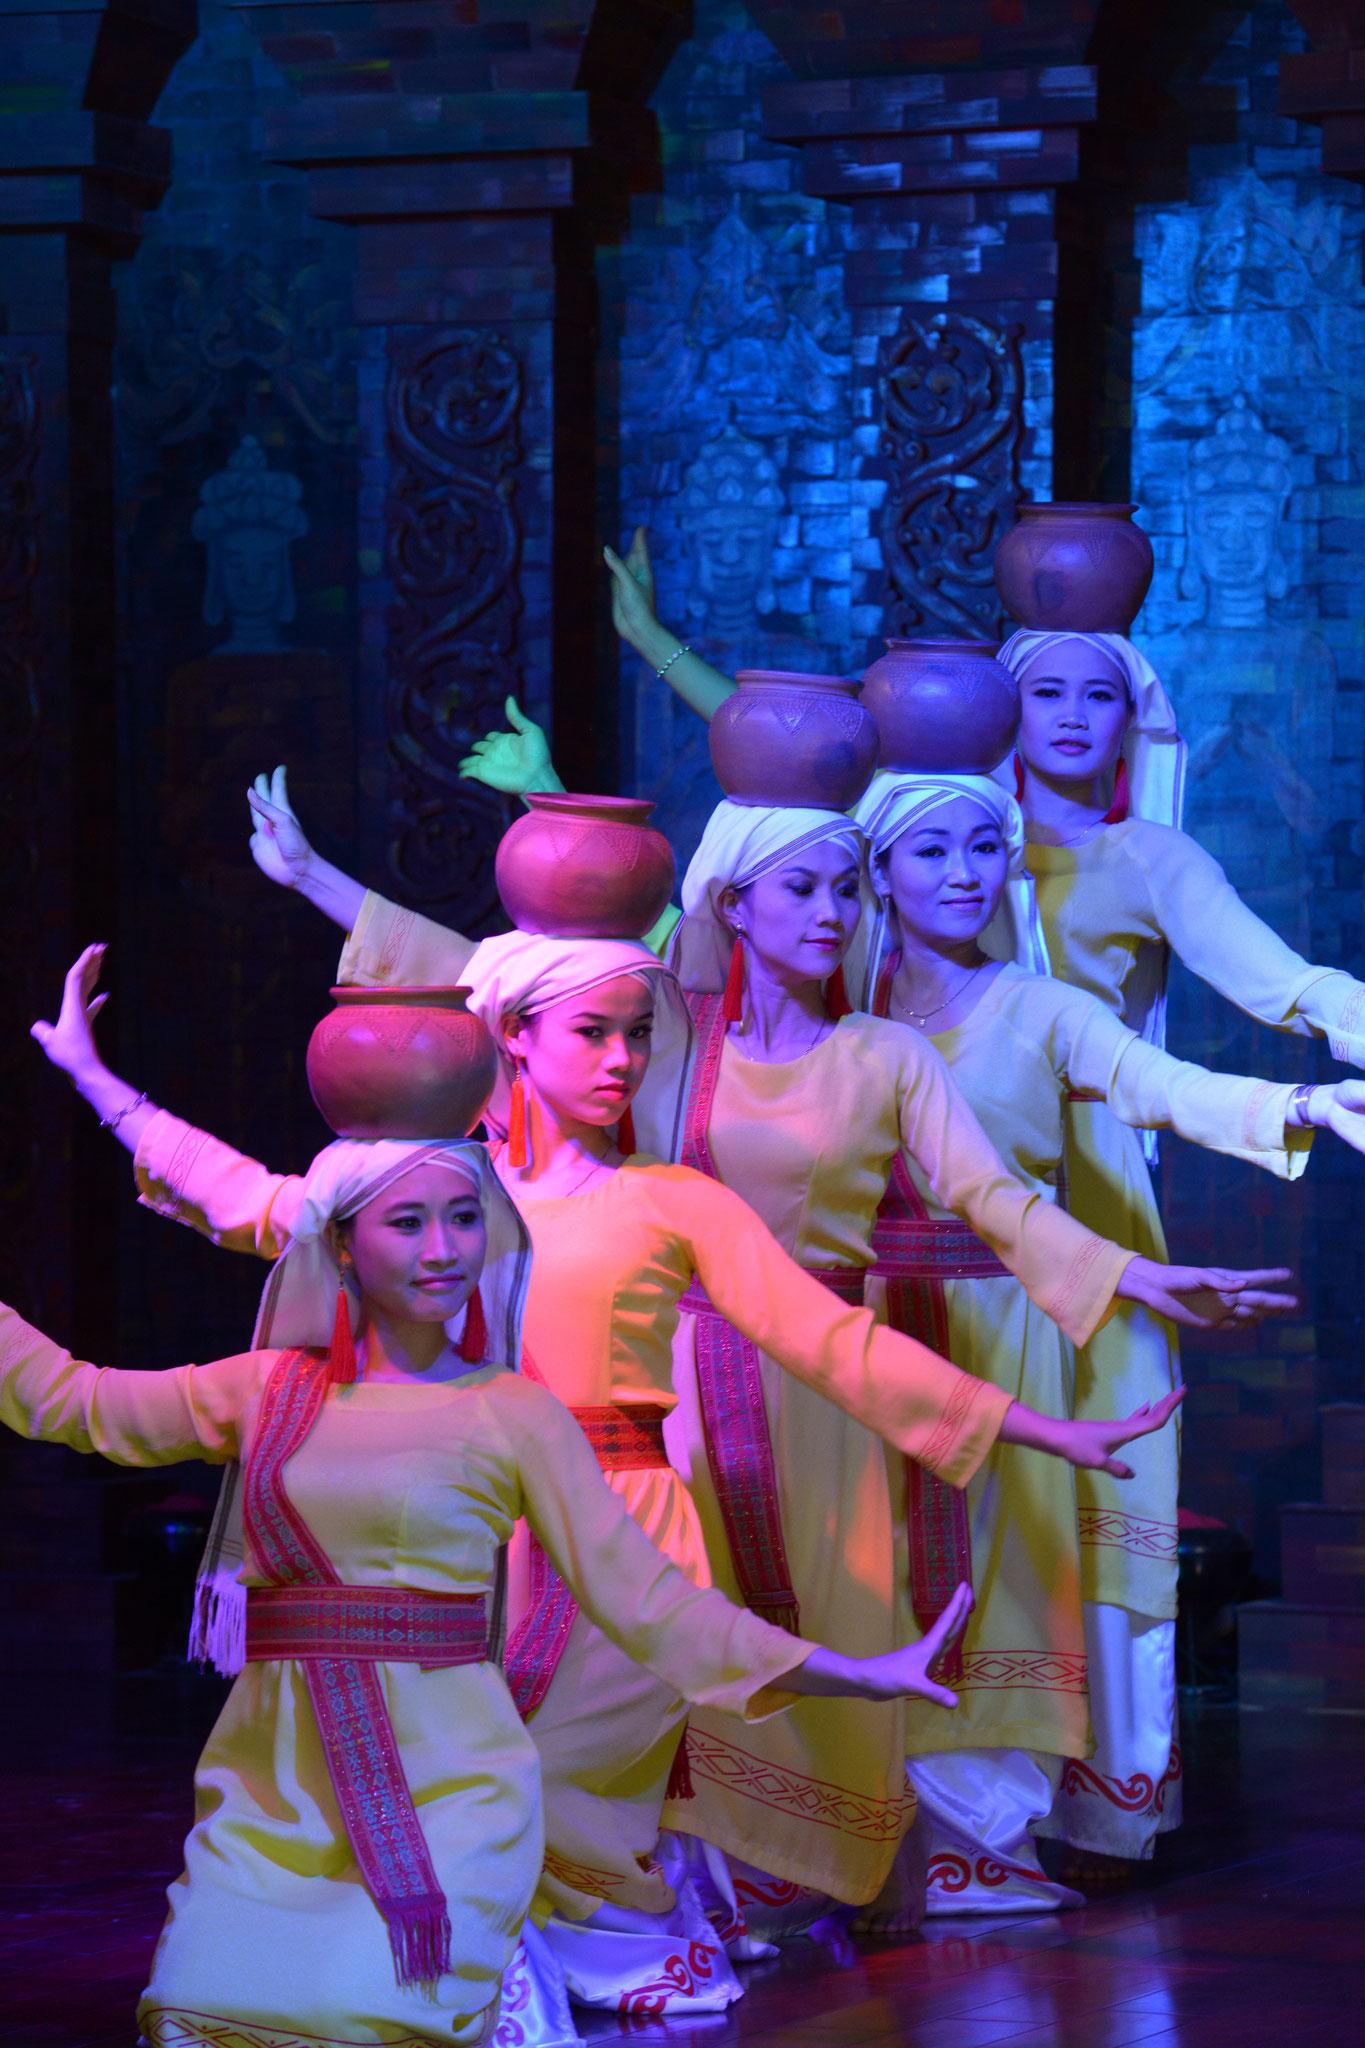 Wir sind Gäste einer Aufführung typischer Ritualtänze